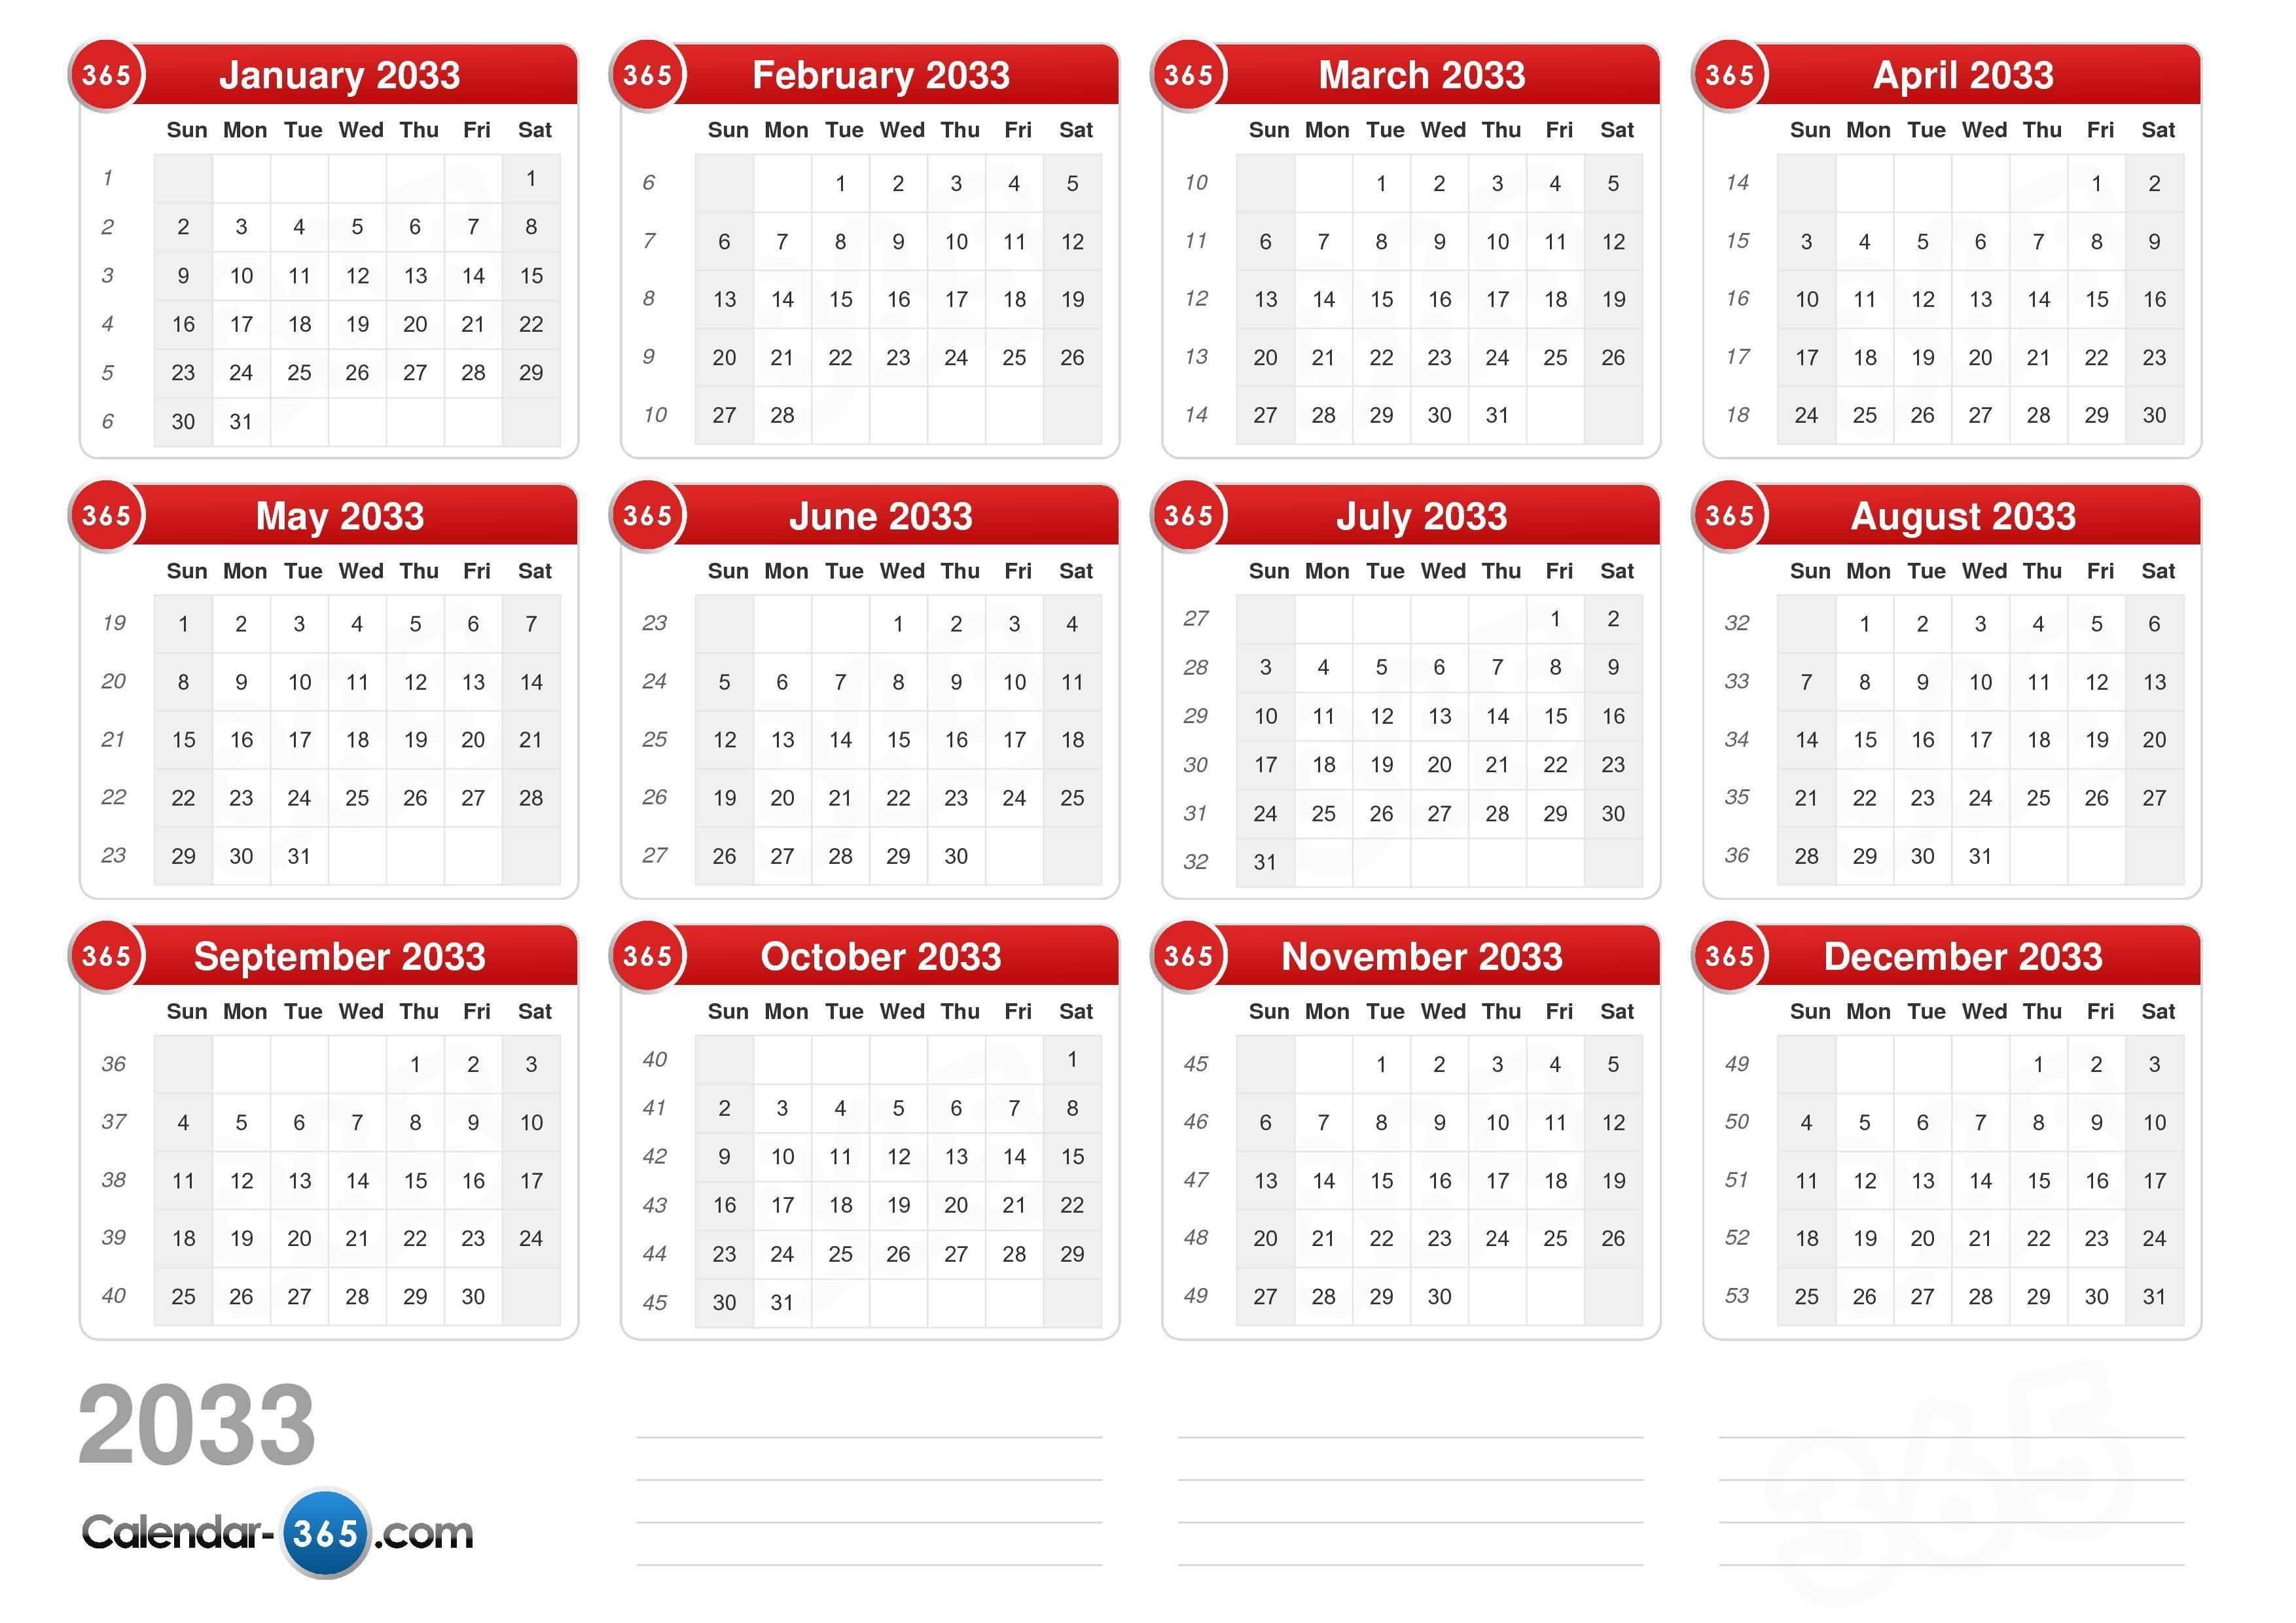 online calendar 2033 with week numbers